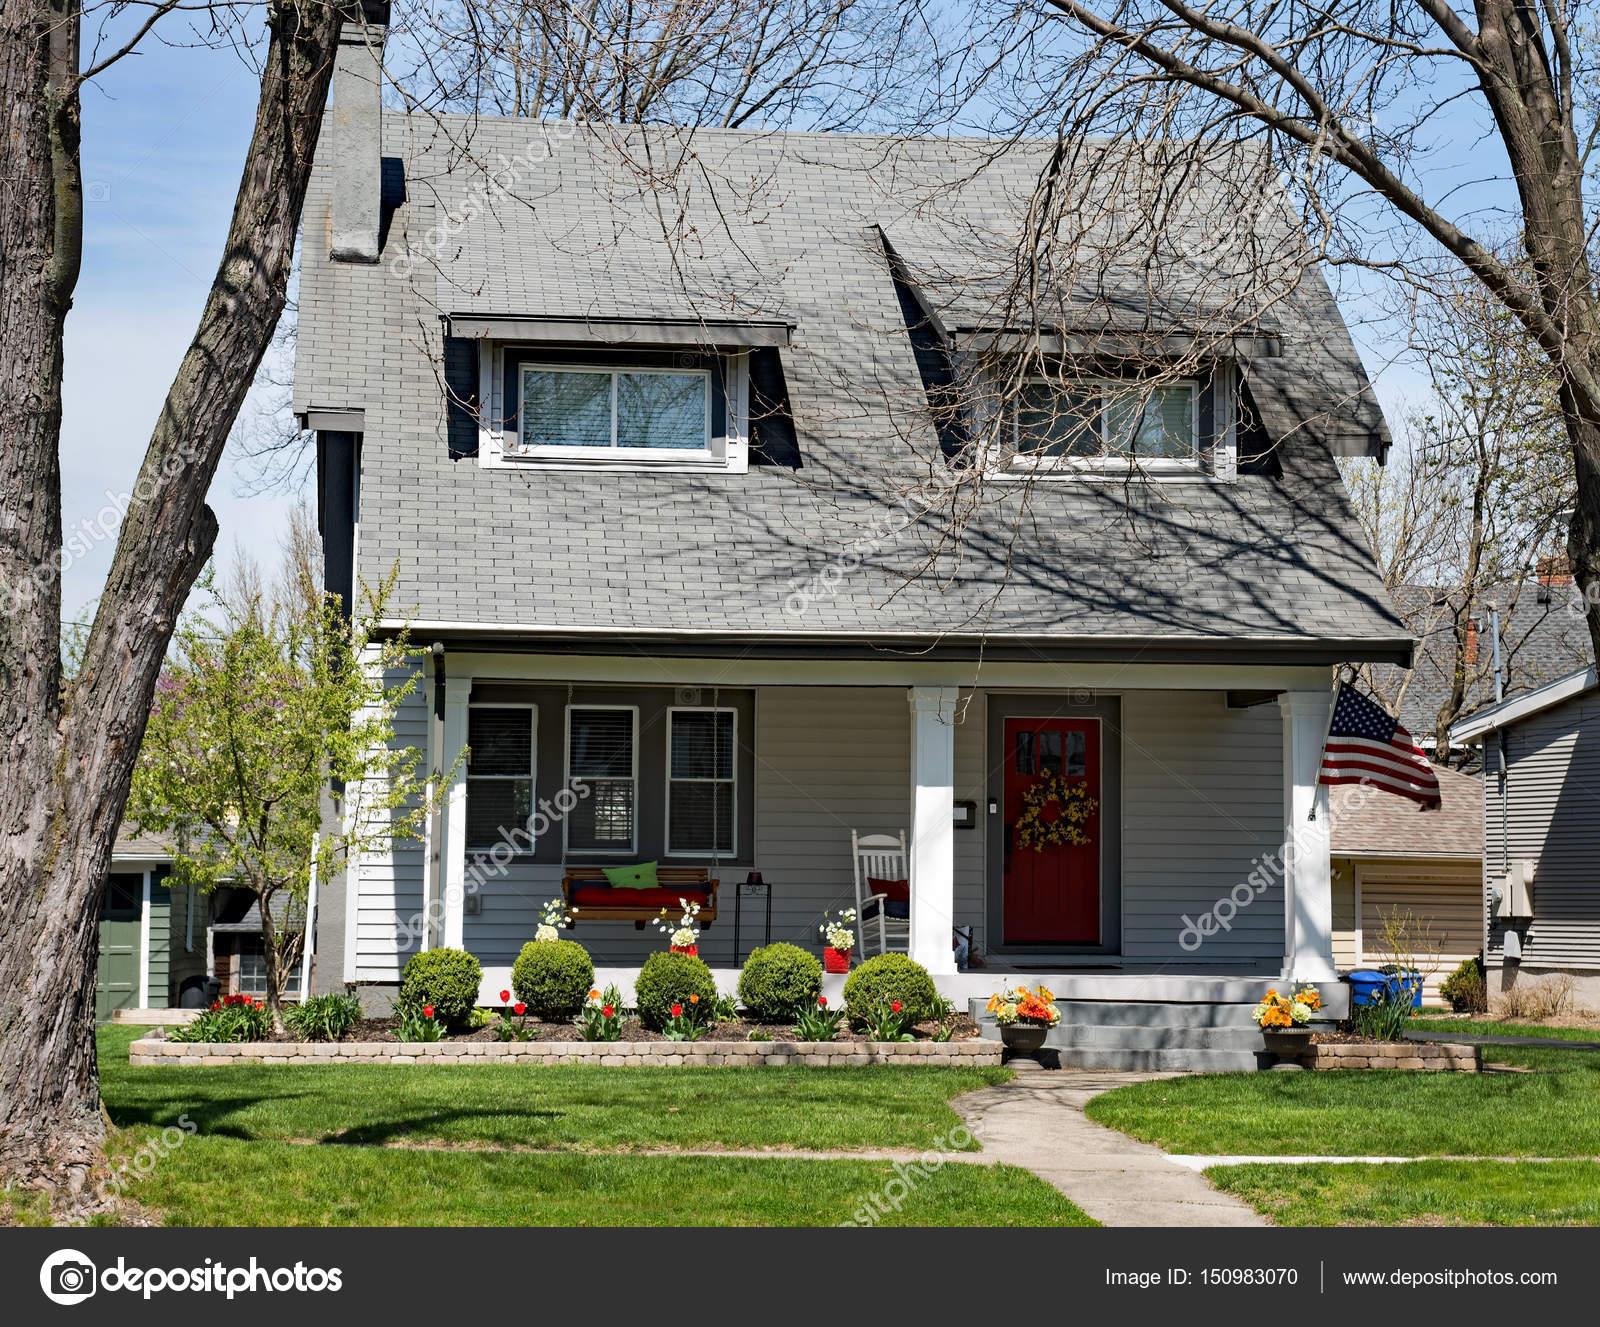 Stedelijke wijk huis met veranda meubelen u redactionele stockfoto